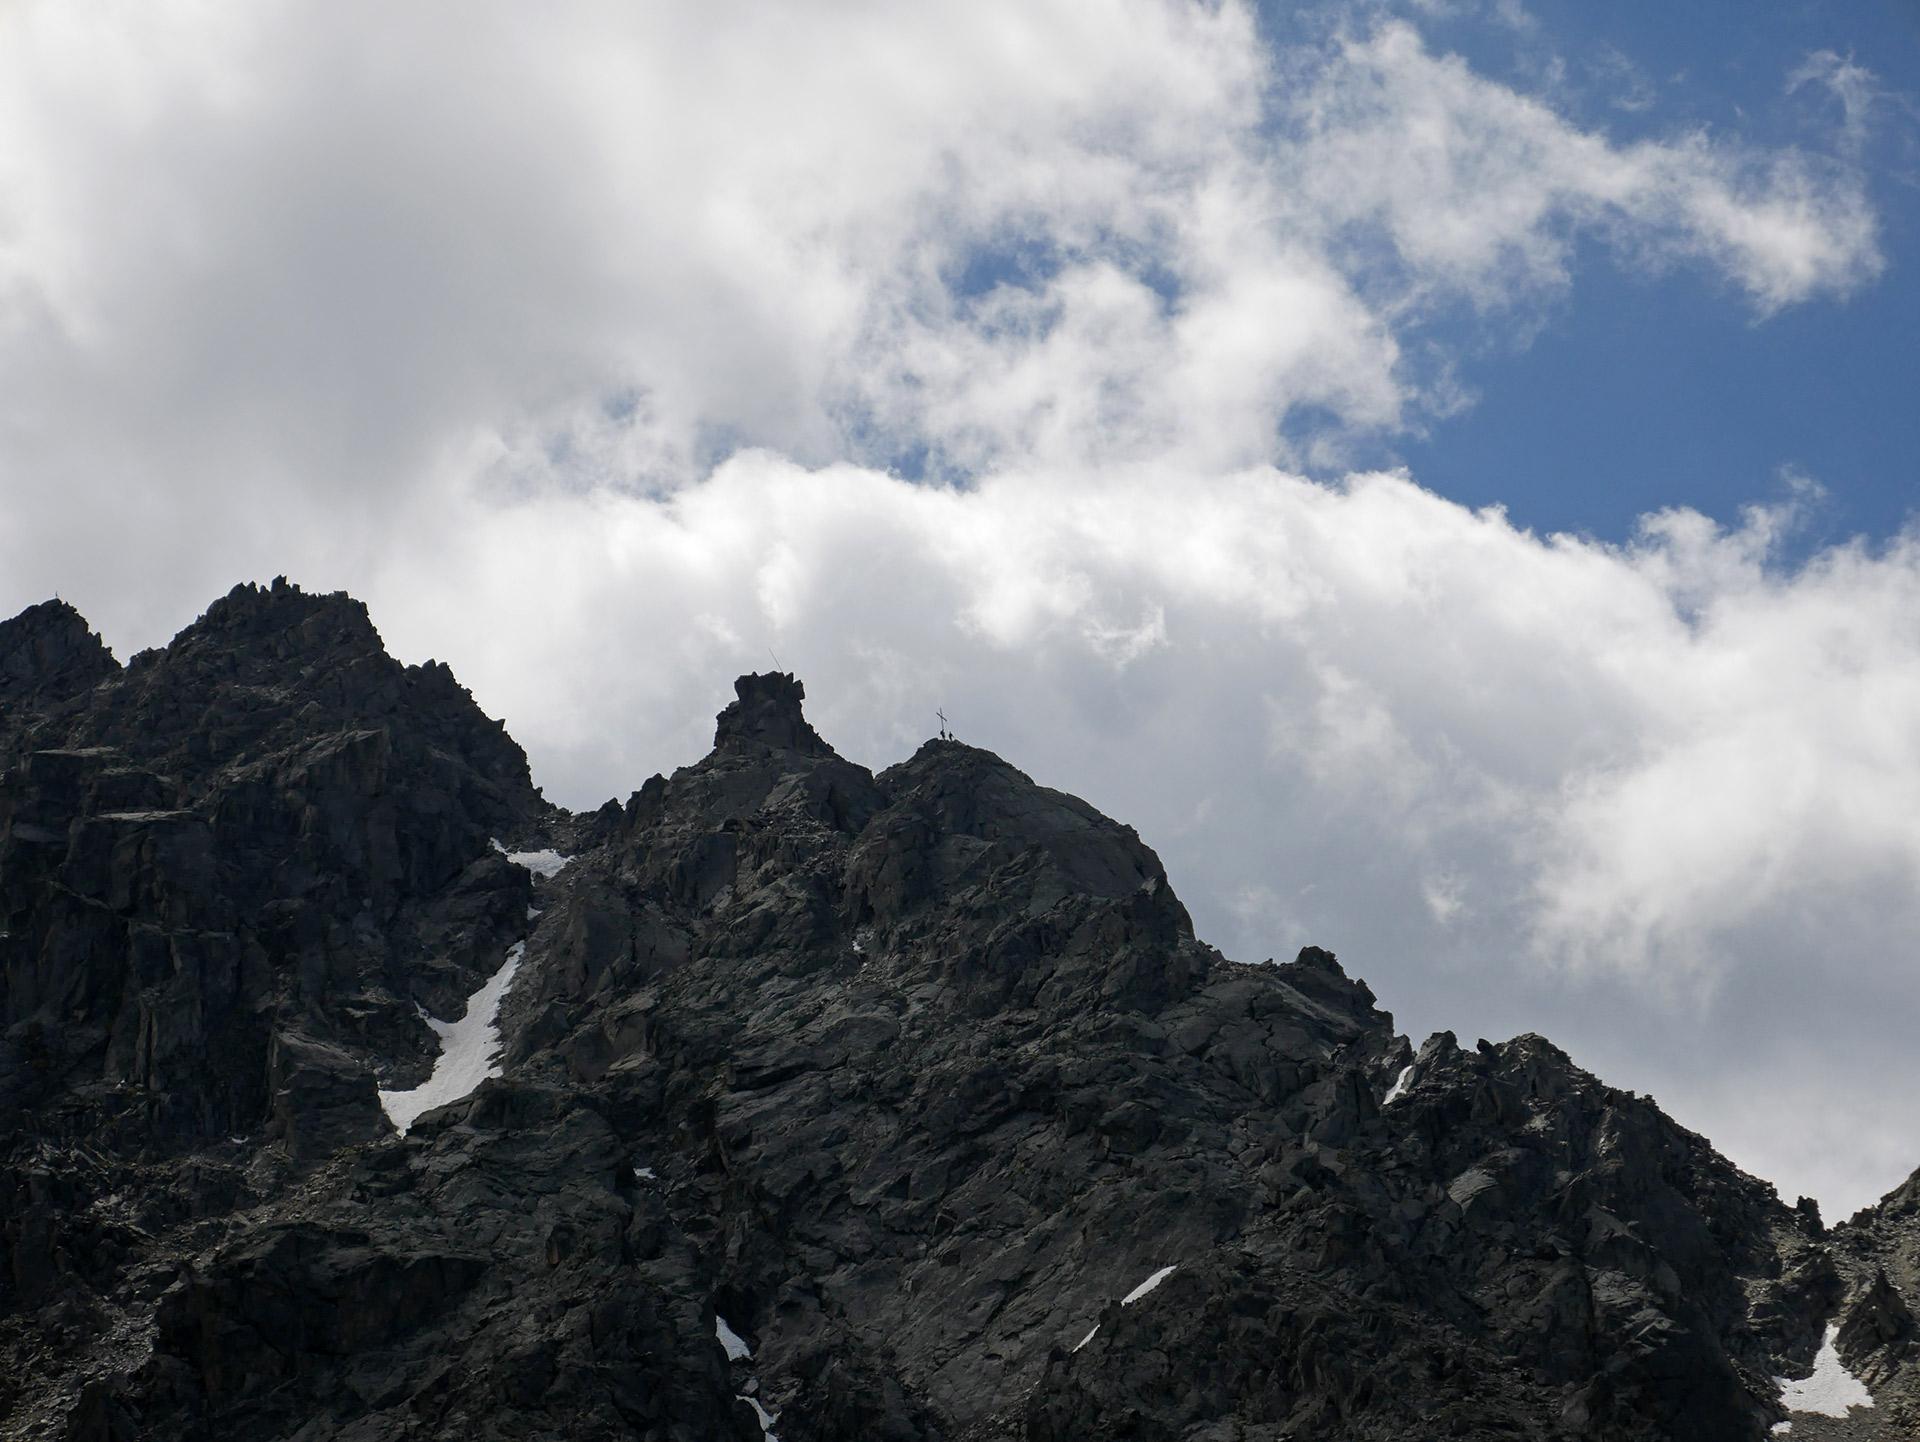 Klettersteig Nauders : Bergrettung nauders thema auf meinbezirk at